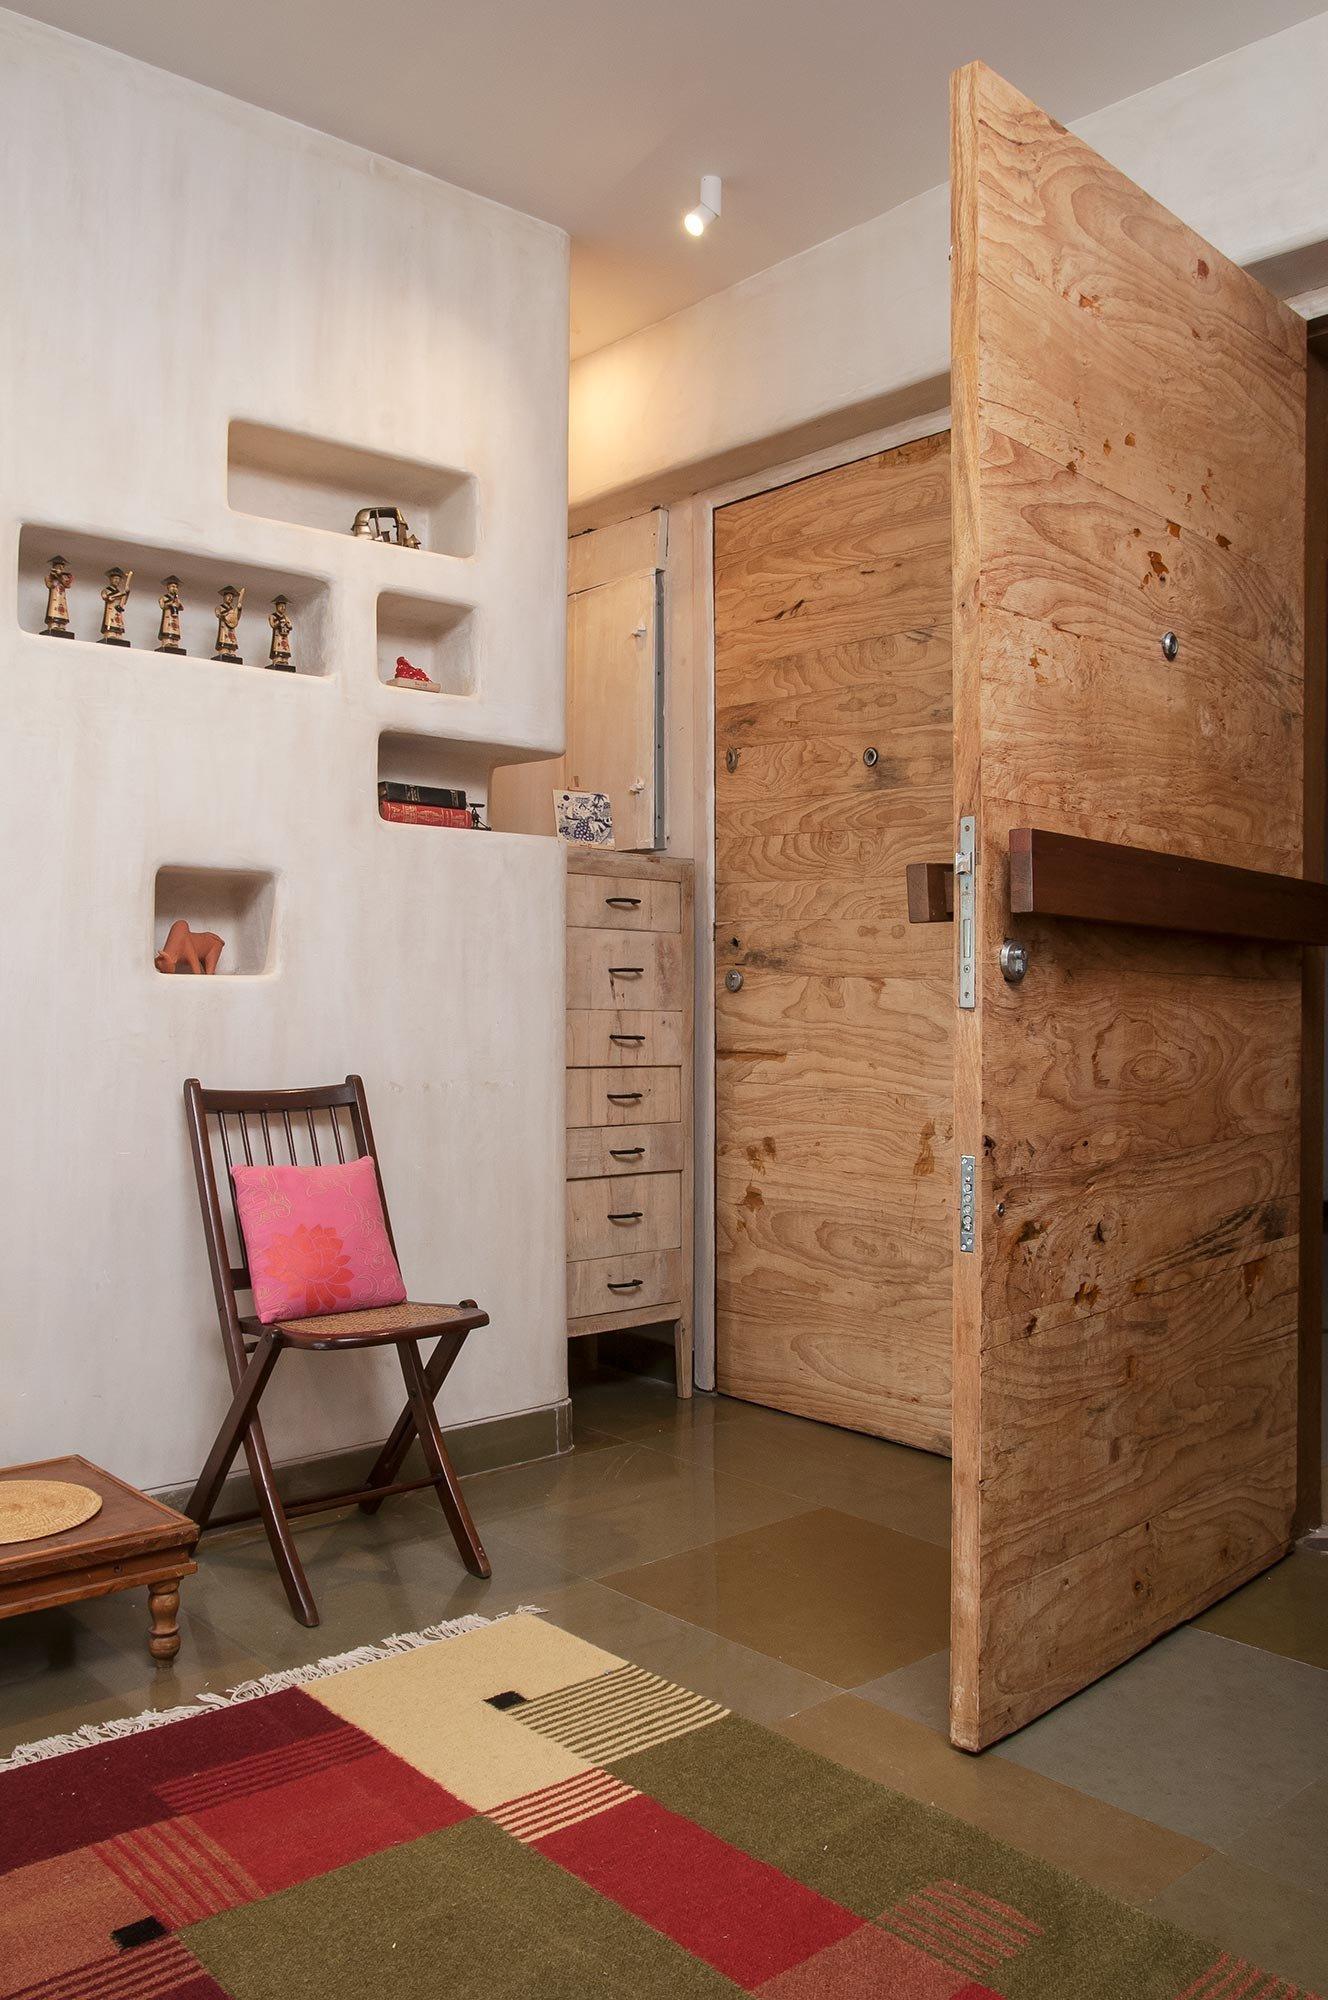 Residence / Prakriti & Venkat